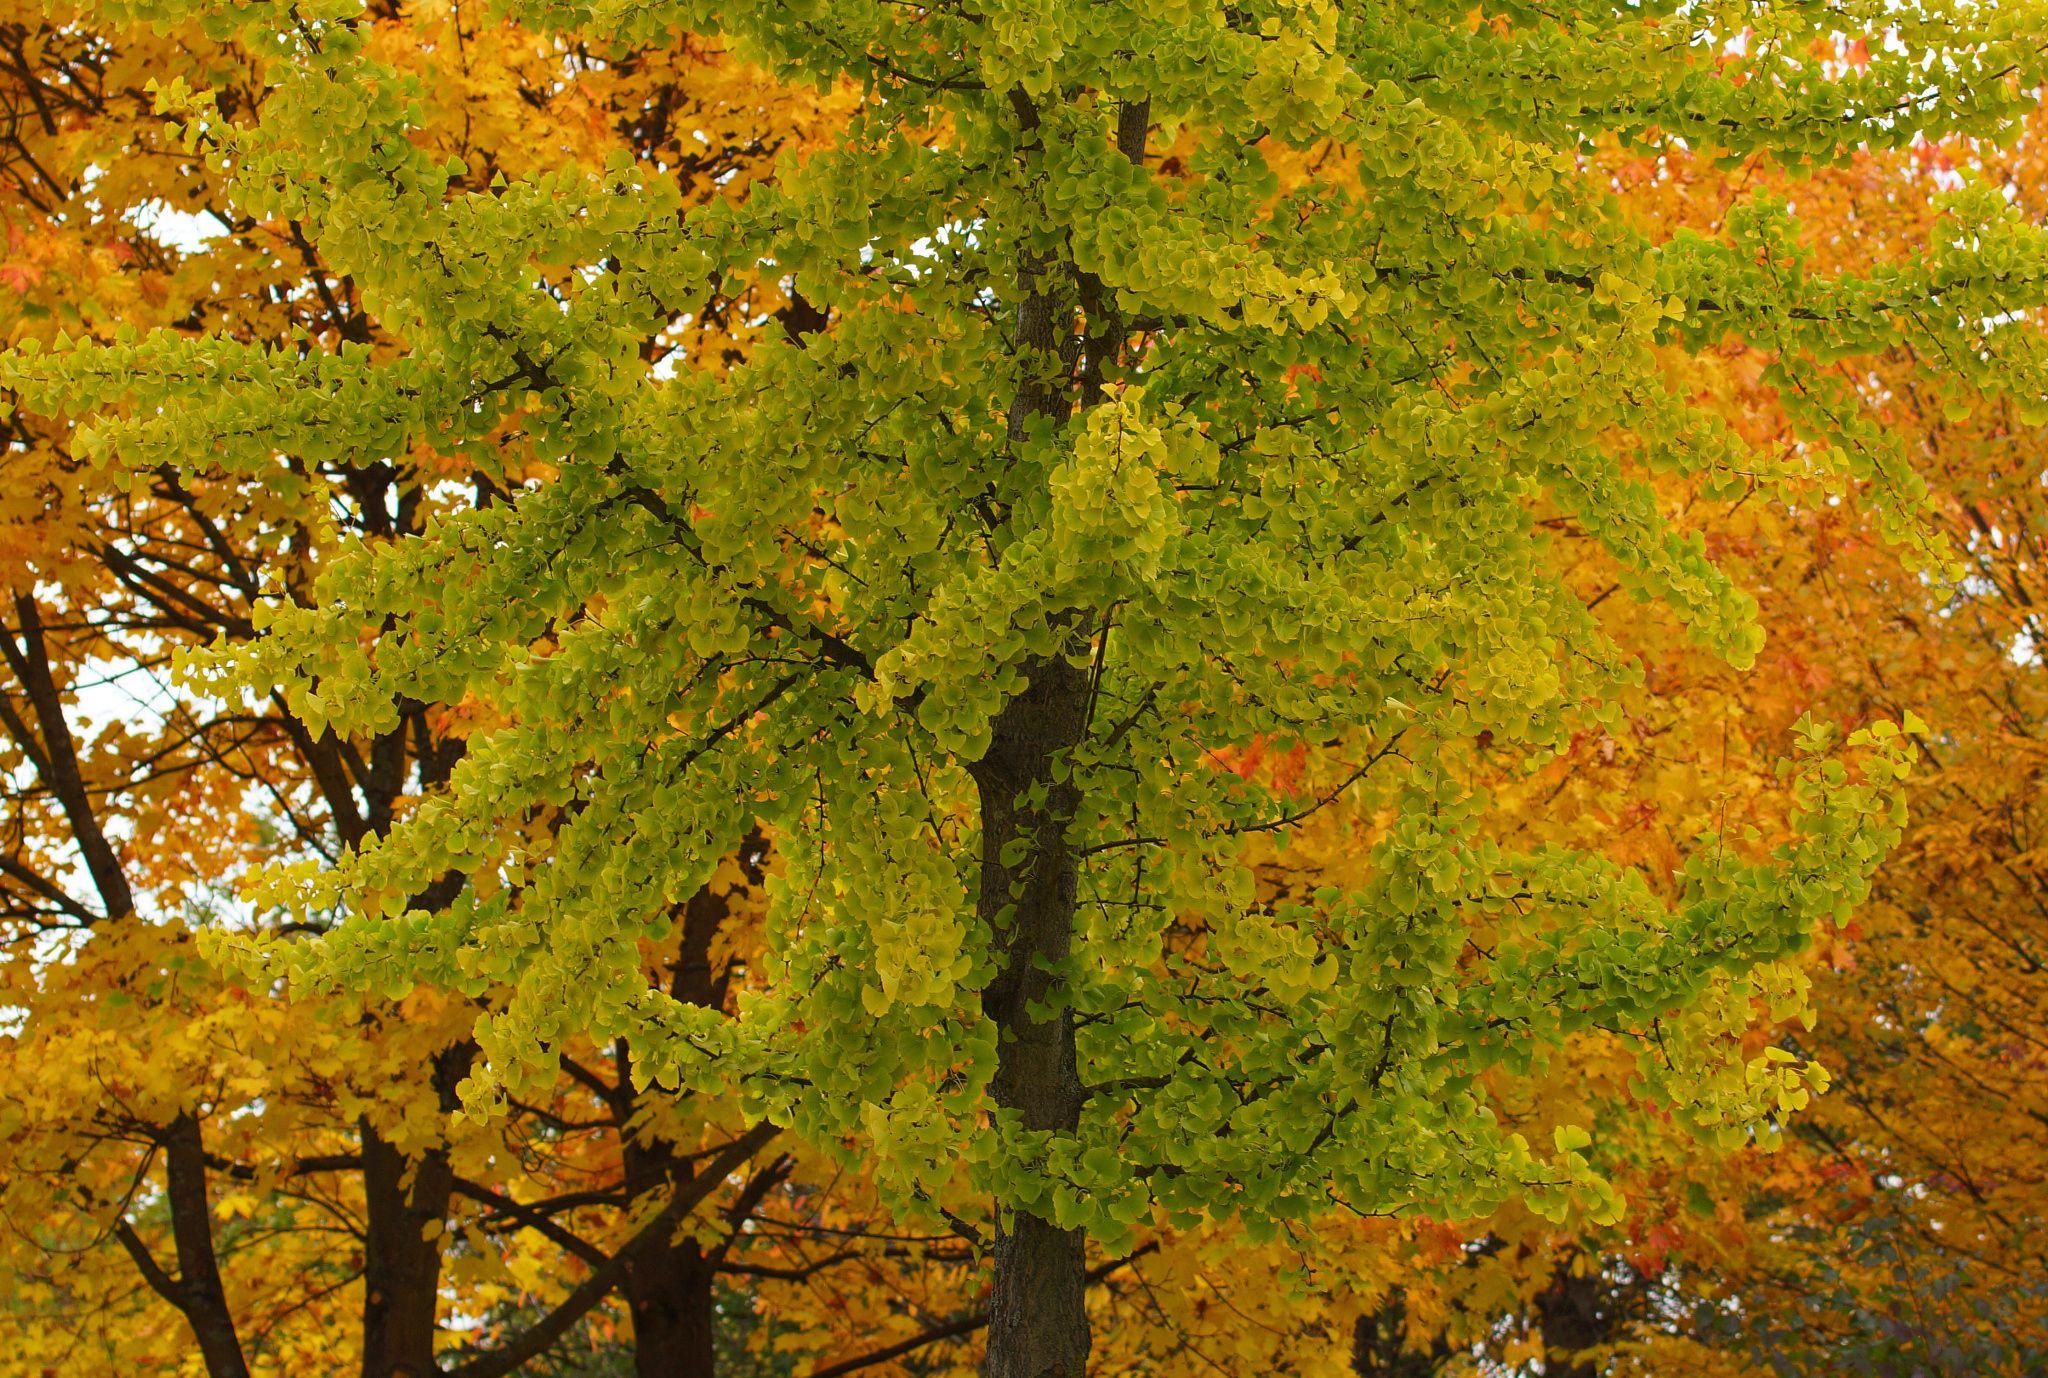 the Ginkgo tree by kerbla edzerdla on 500px